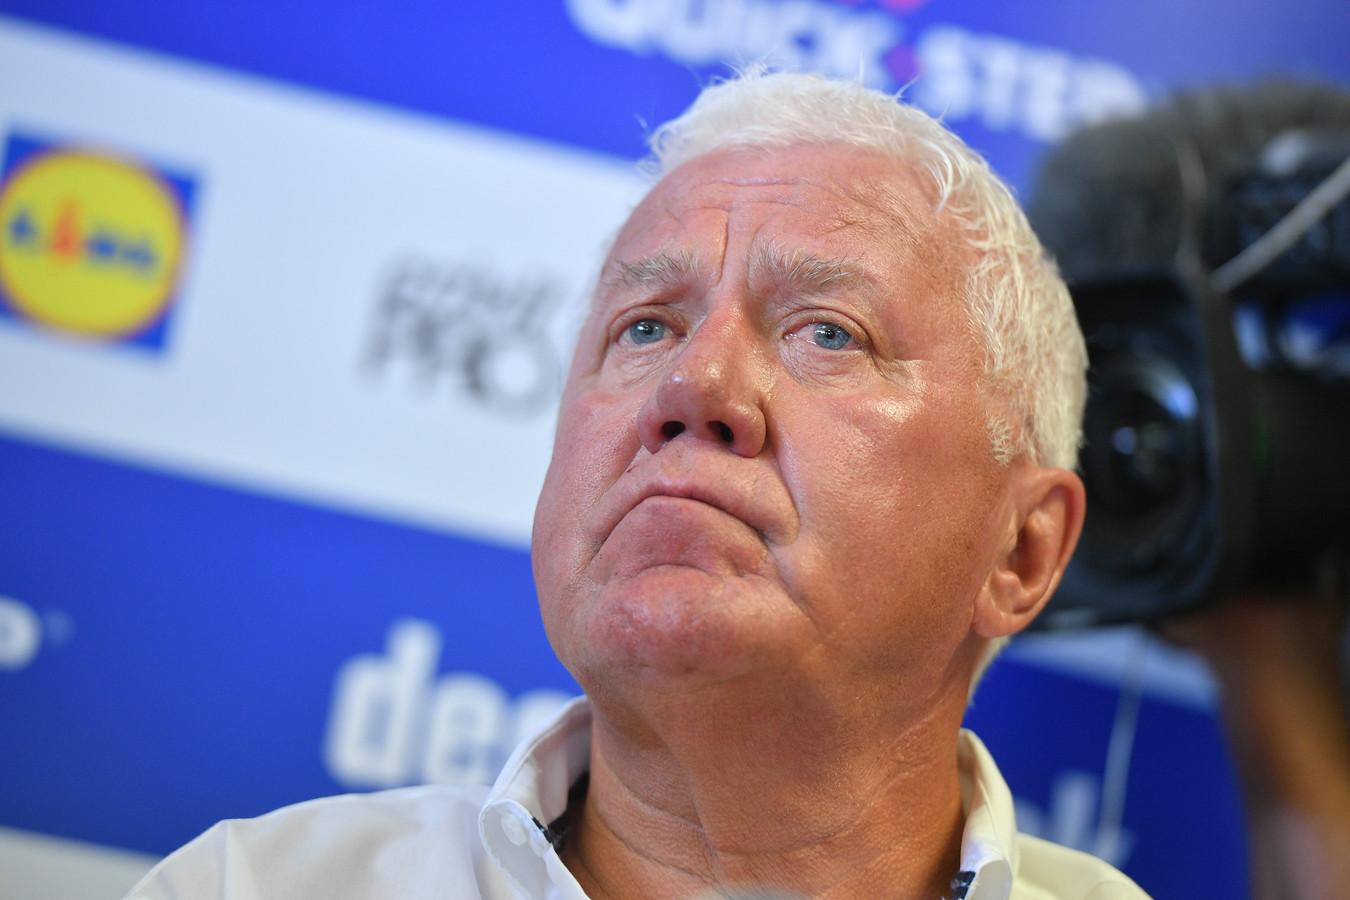 Patrick Lefevere, le manager général de l'équipe Deceuninck-Quick Step